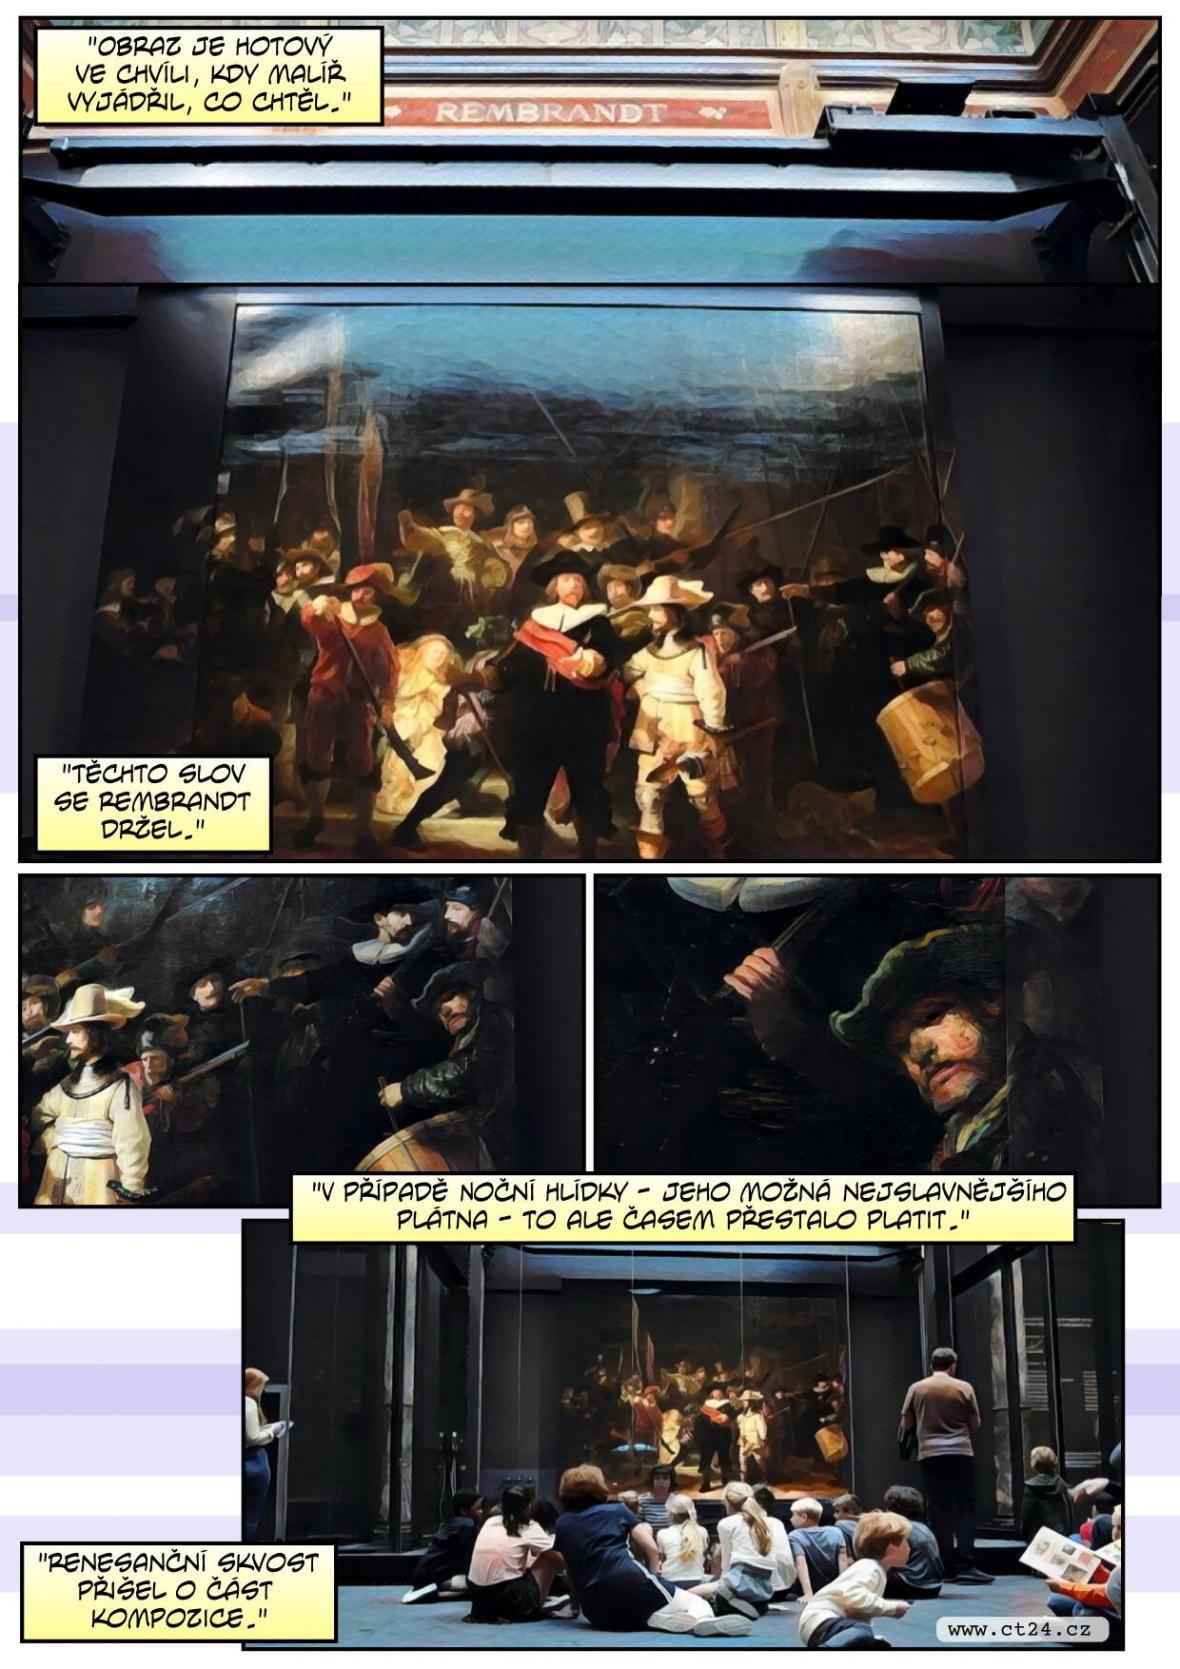 Rembrandtovu Noční hlídku dokončila umělá inteligence. Doplnila v minulosti odstraněné části